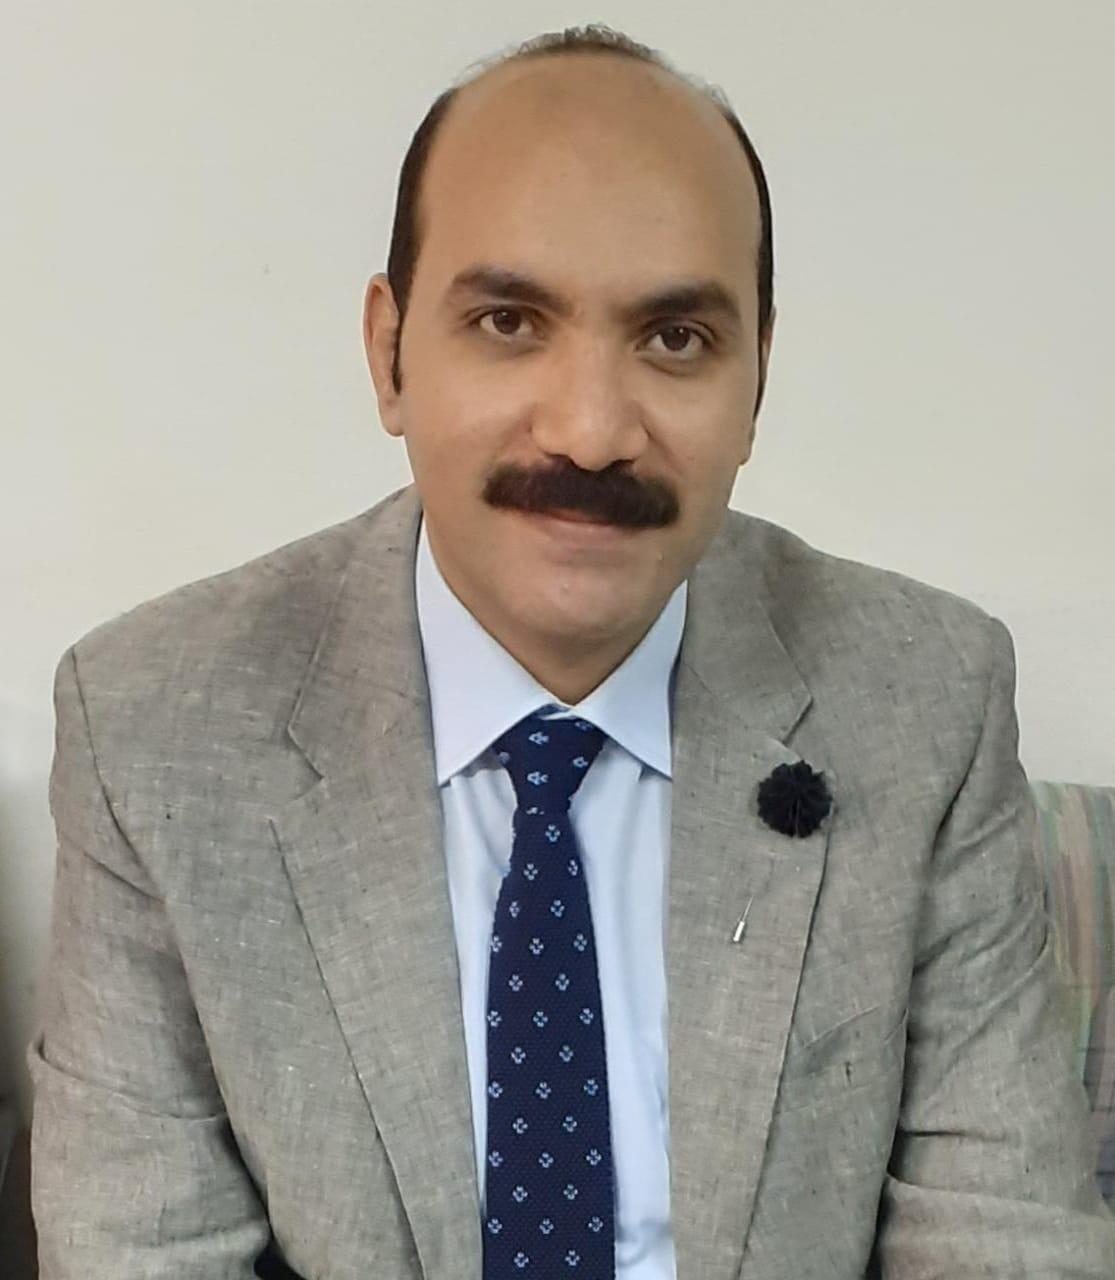 Photo of Khaled El-Shamy